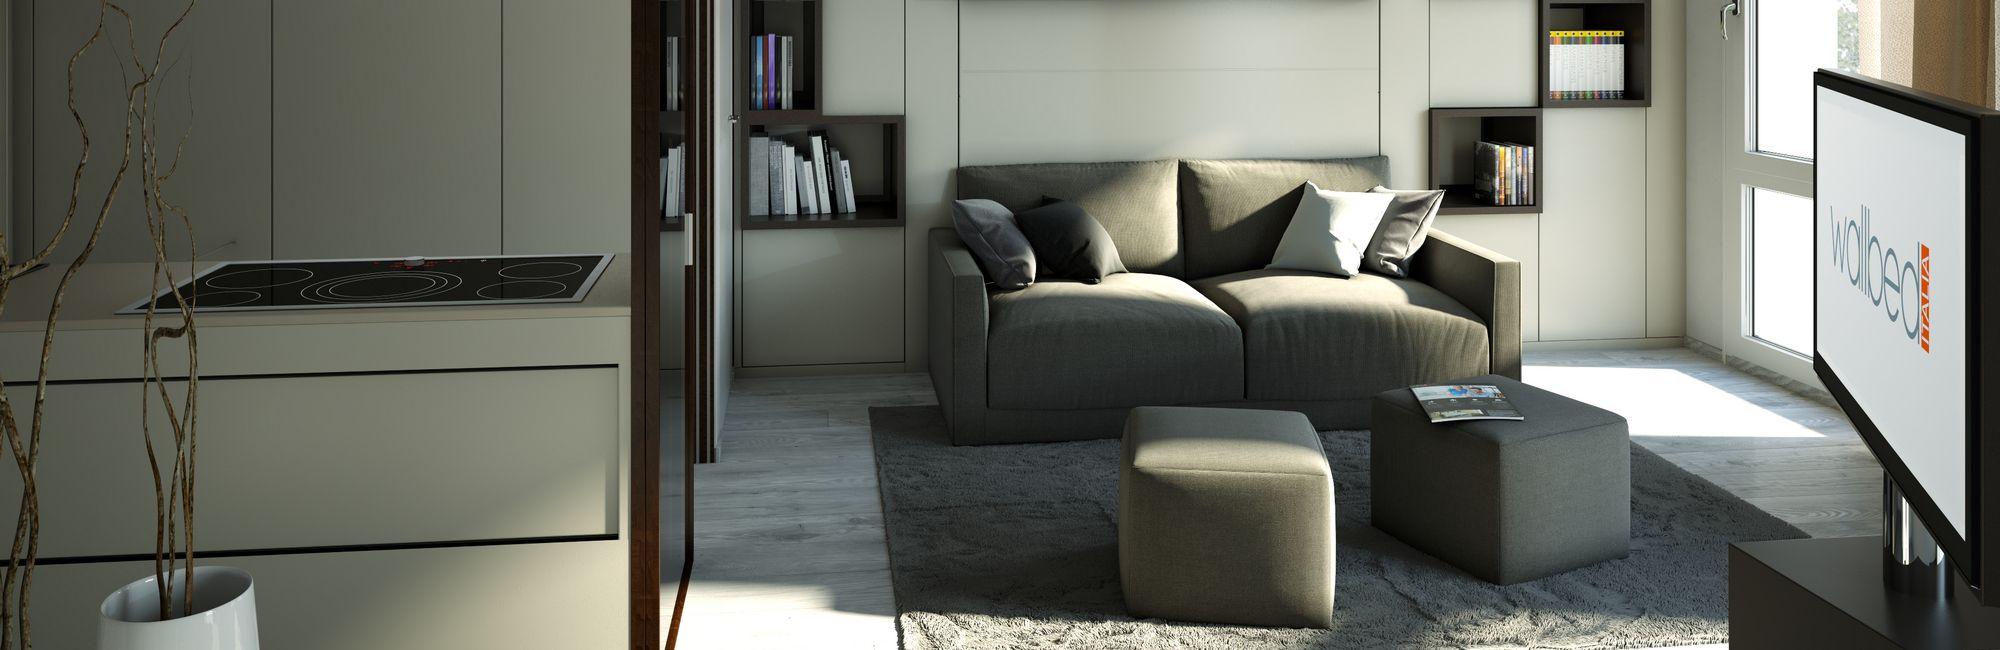 Milano Smart Living Space Saving Furnitures